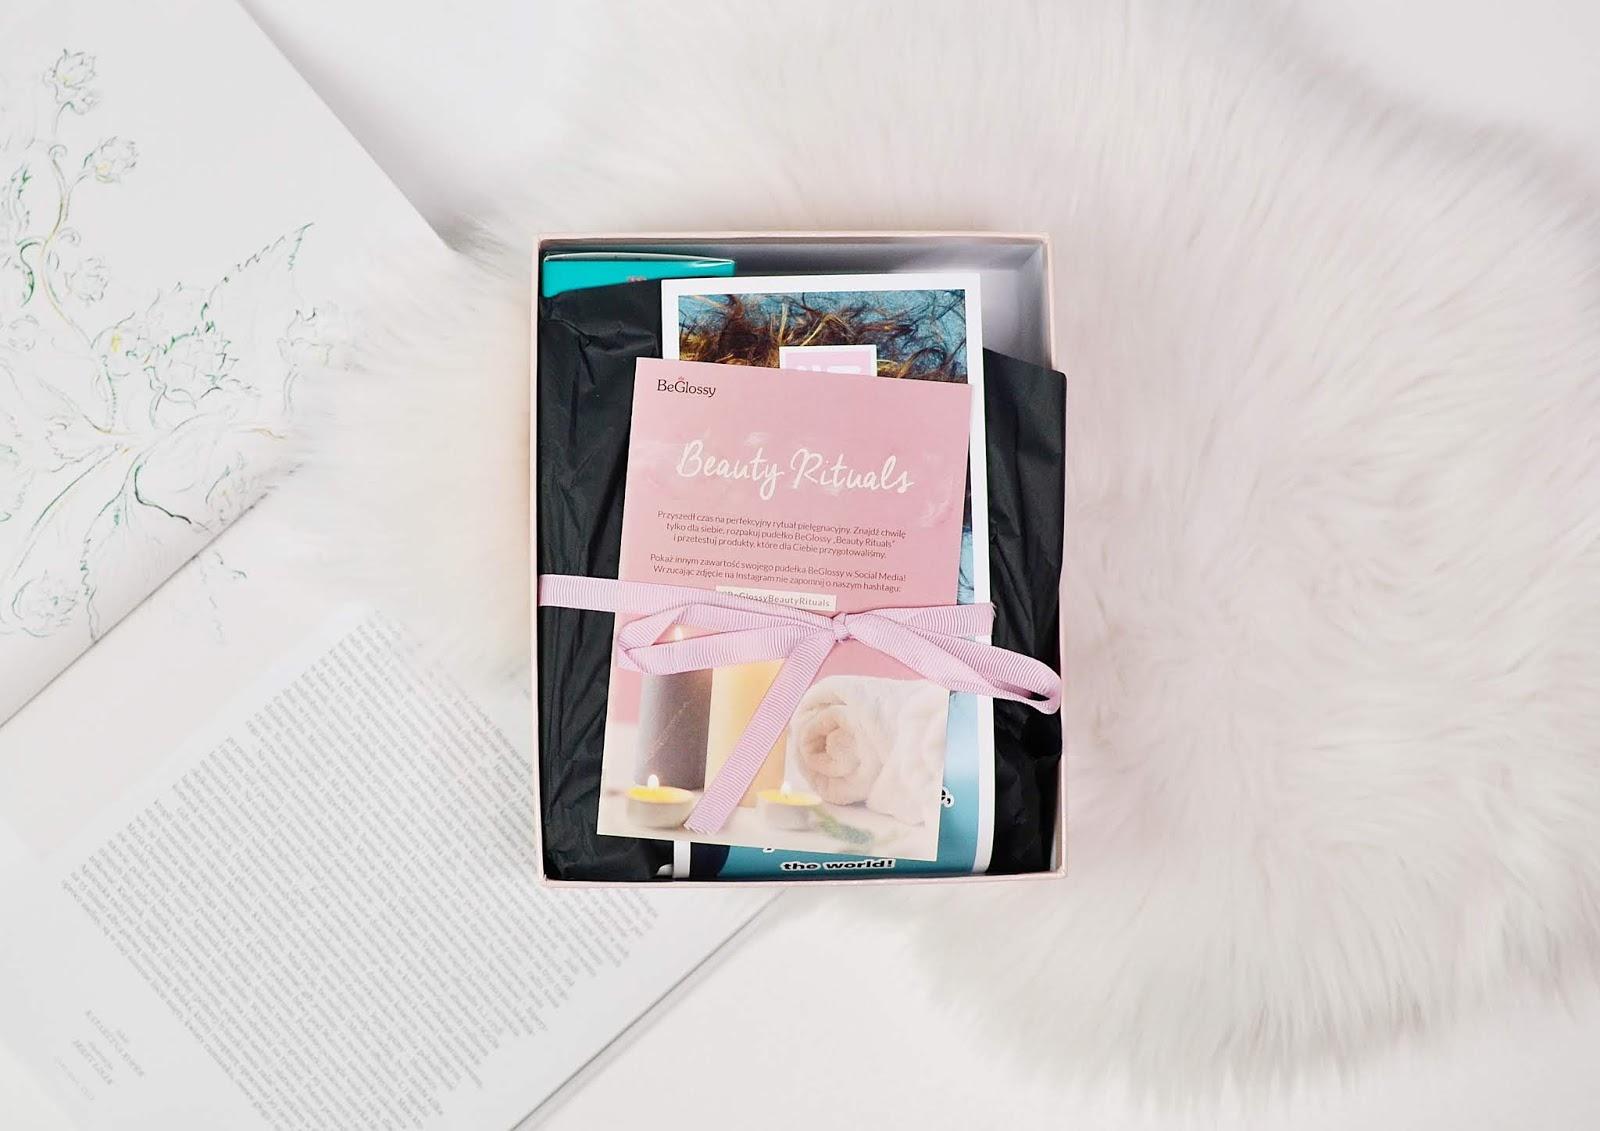 beGlossy beauty rituals październik 2018